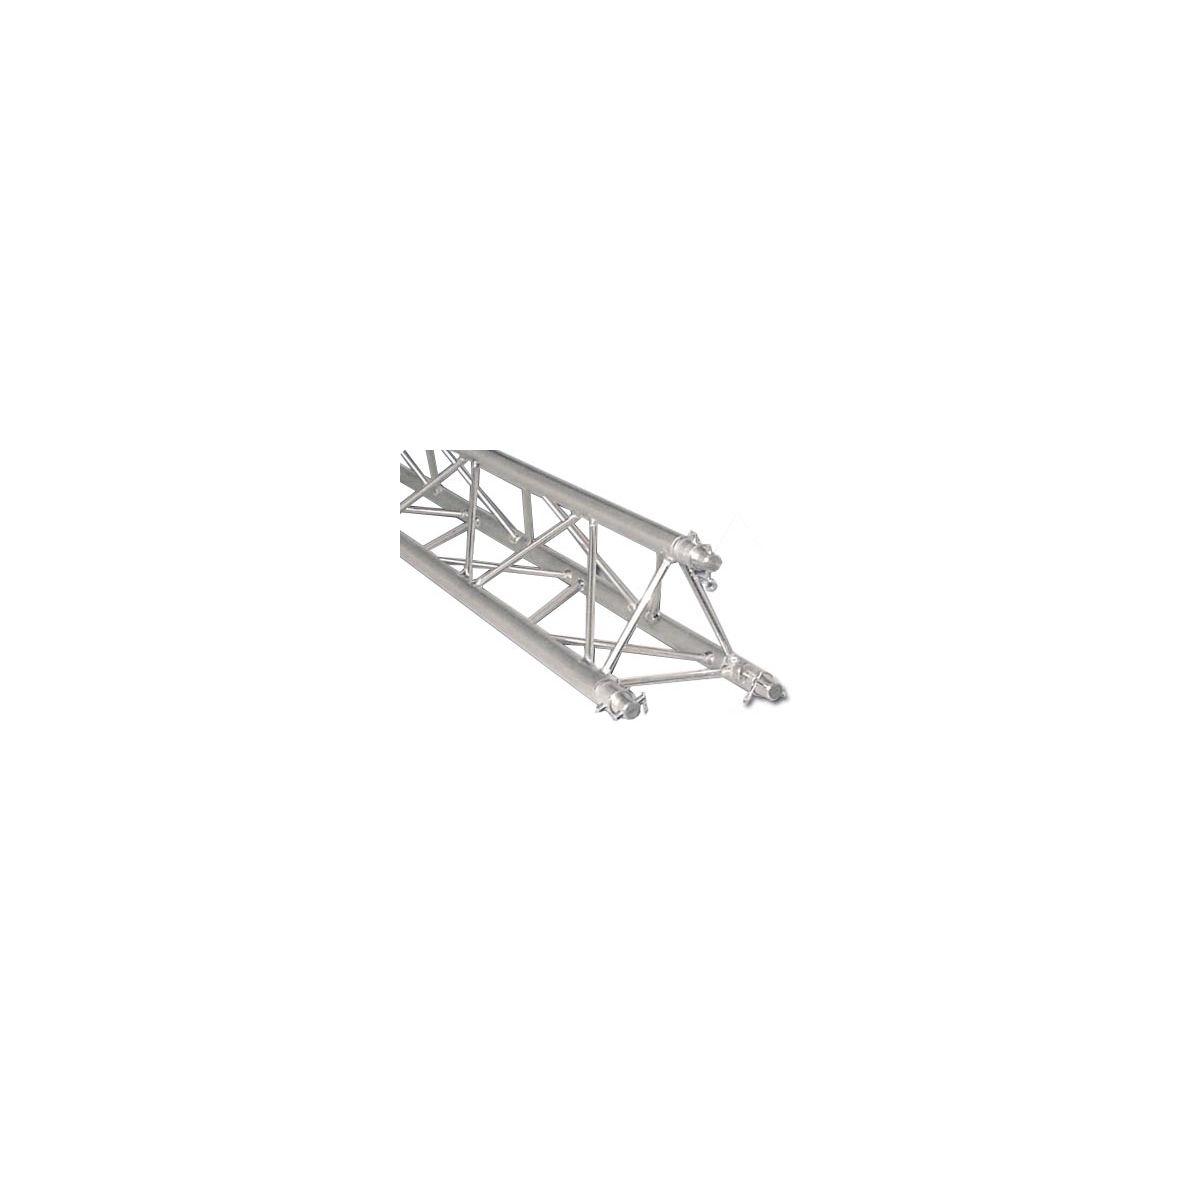 Structures aluminium - Mobiltruss - TRIO DECO 30130